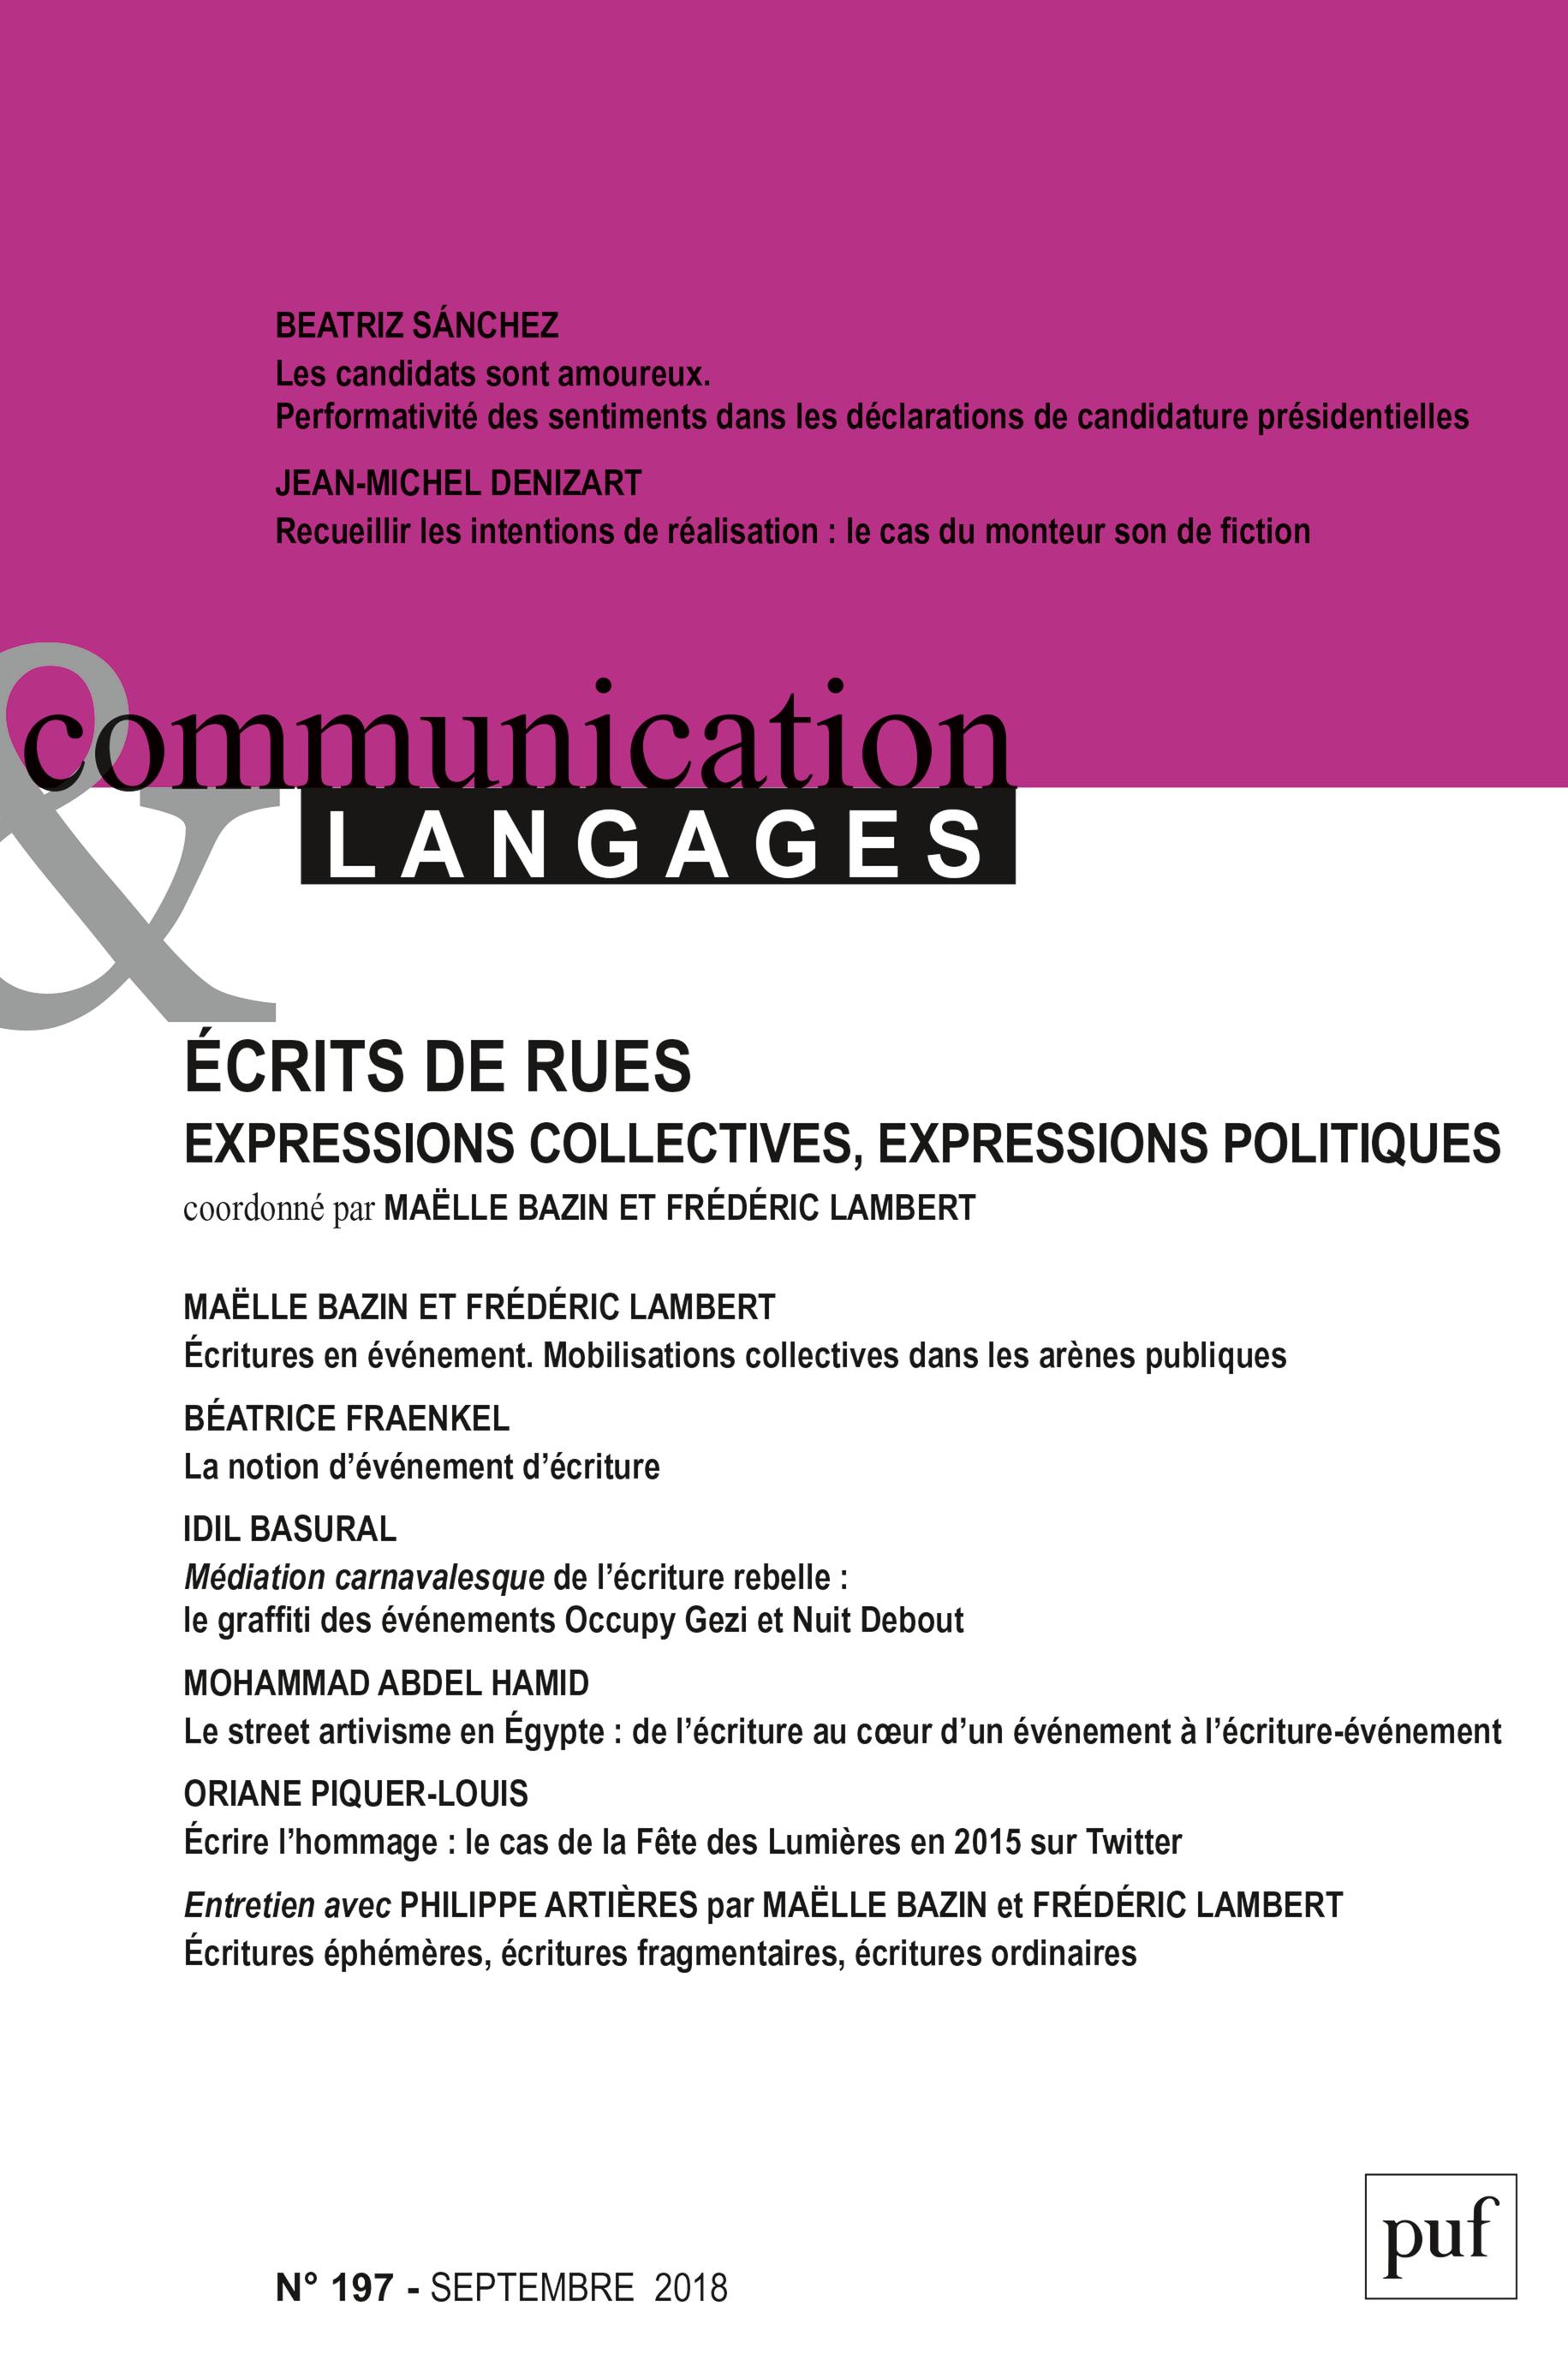 COMMUNICATION & LANGAGES- 2018 - 197